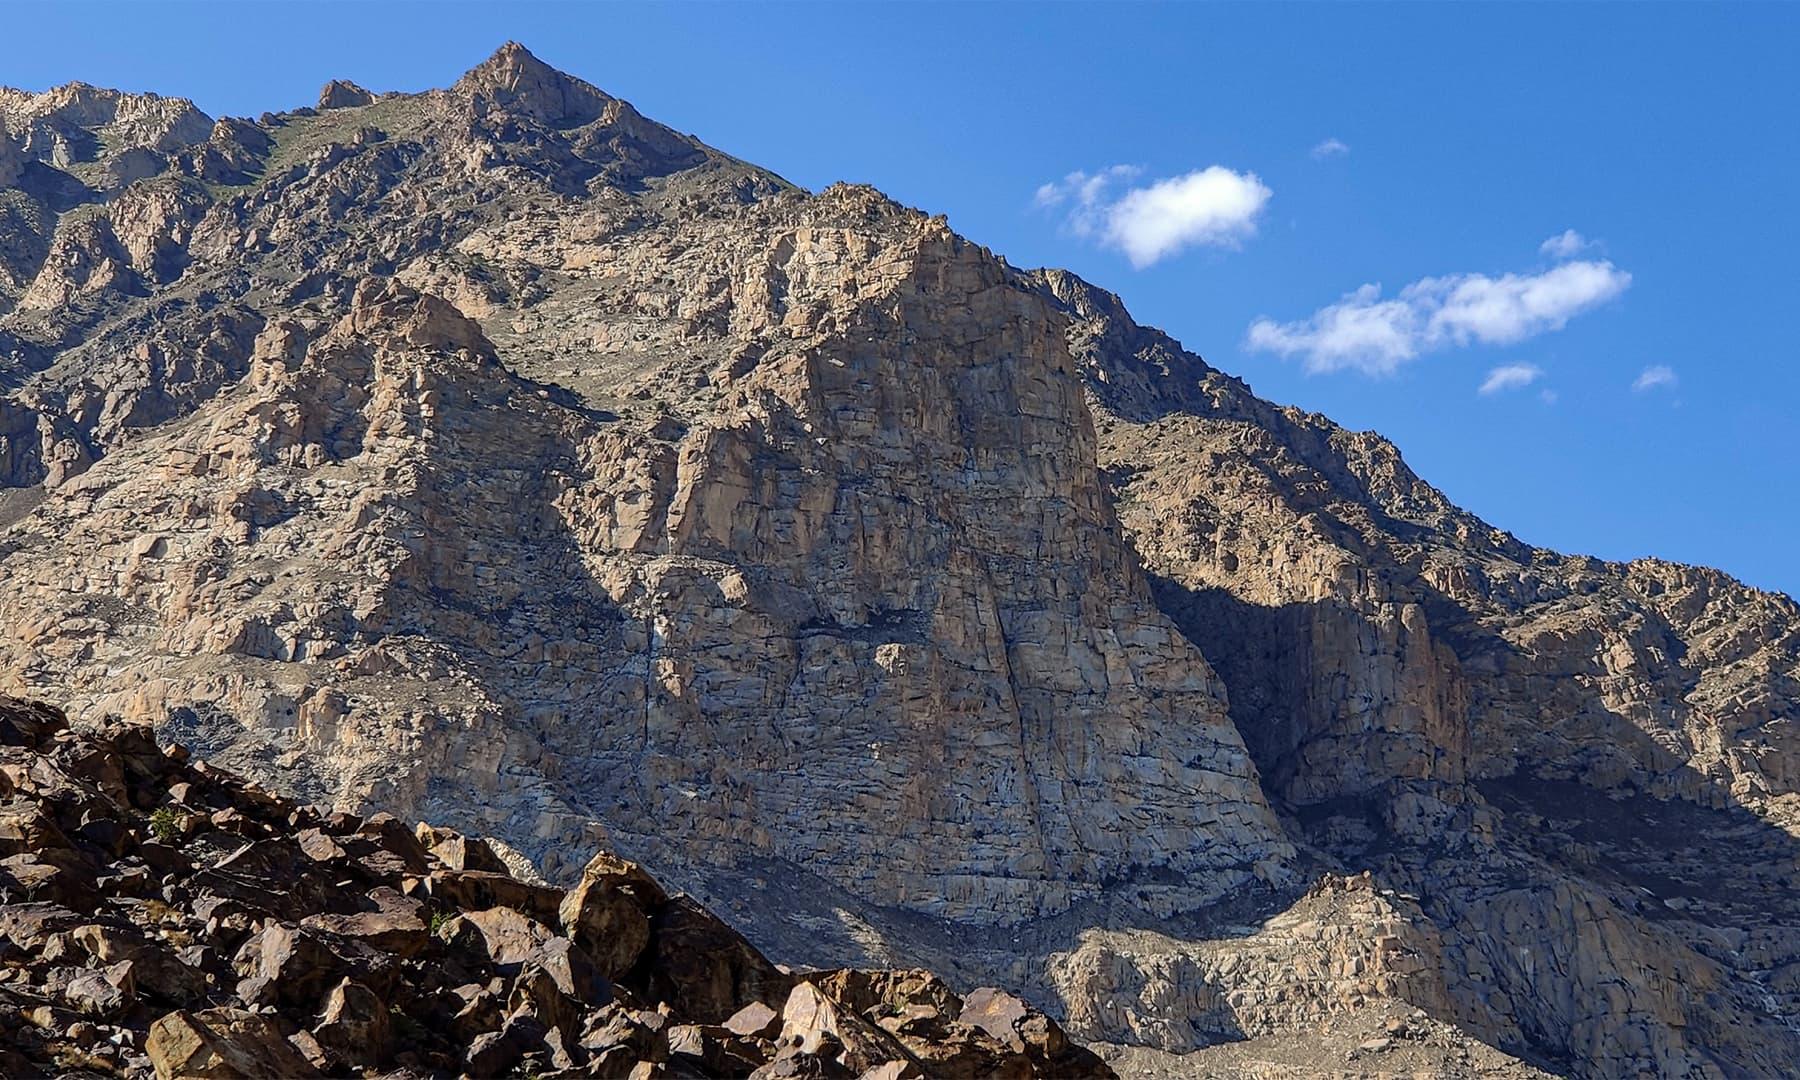 سرمئی رنگ کے یہ پہاڑ جھیل کے قریب ہونے کا پتا دیتے ہیں